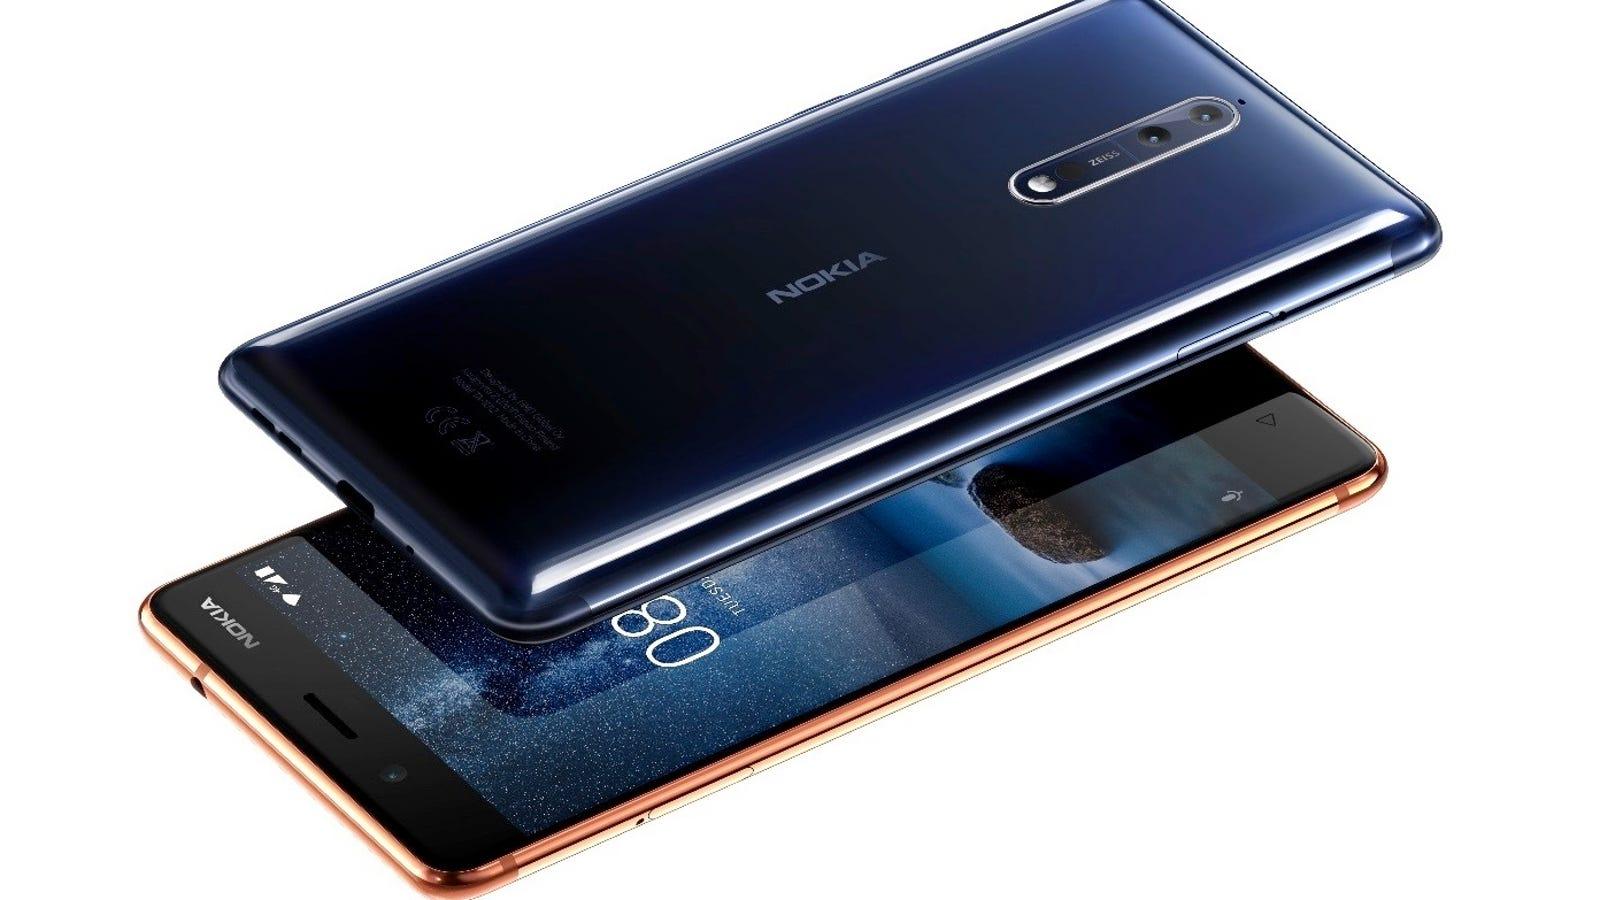 Nokia ha vuelto: el nuevo Nokia 8 tiene doble cámara Zeiss y el último Android en estado puro